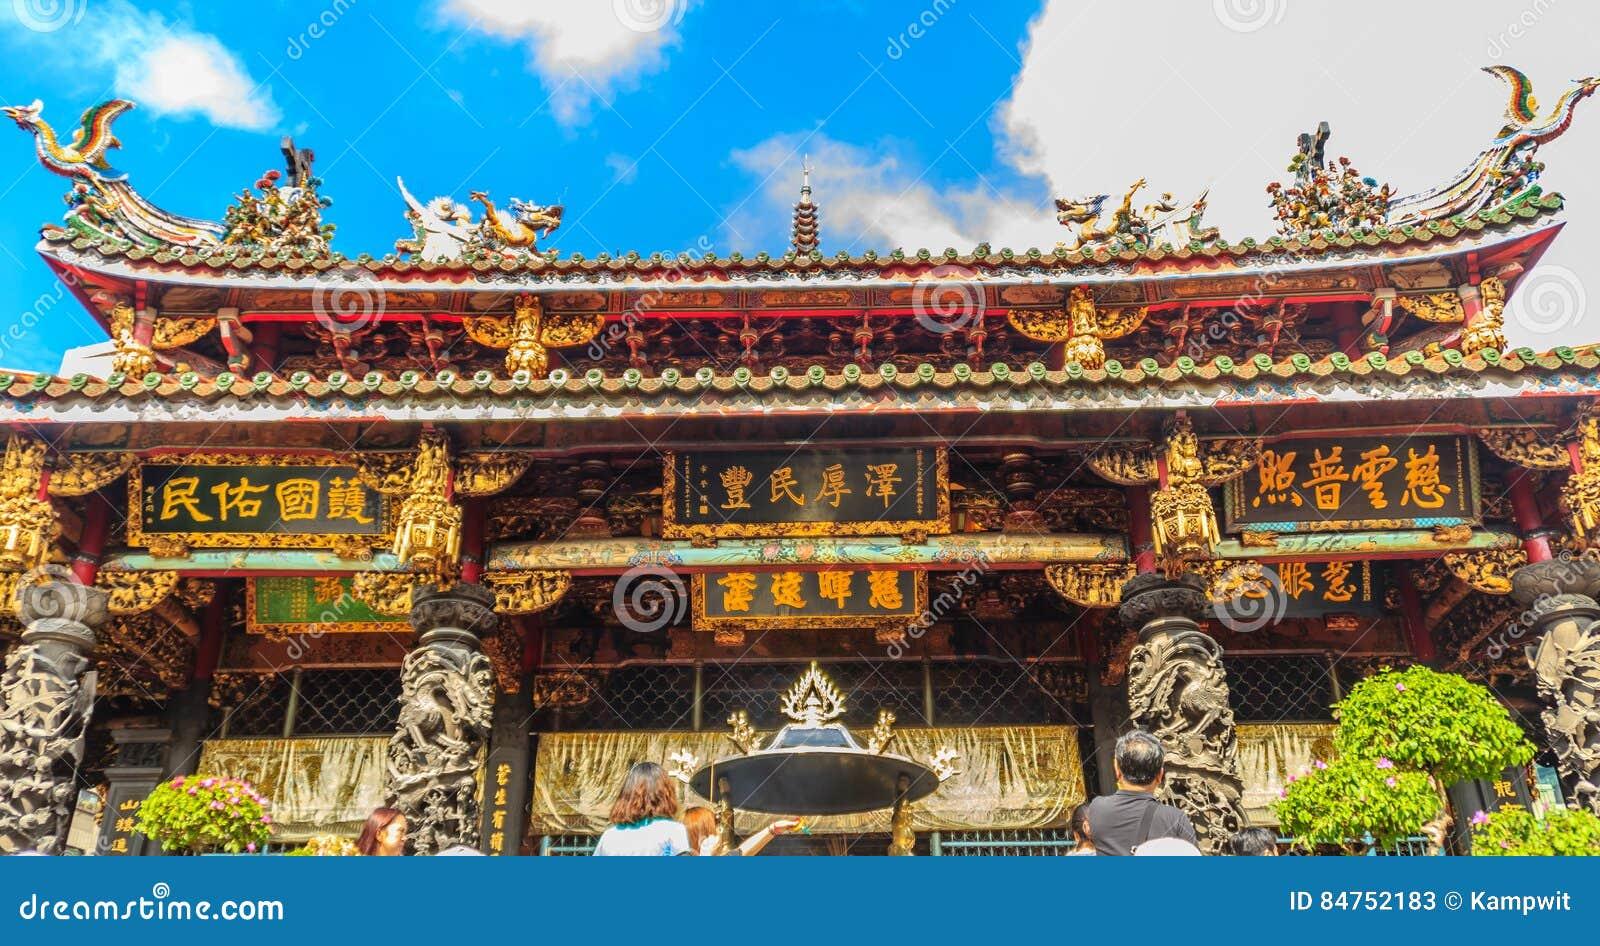 La Credenza Taipei : Venetos credenza michael wong archinect